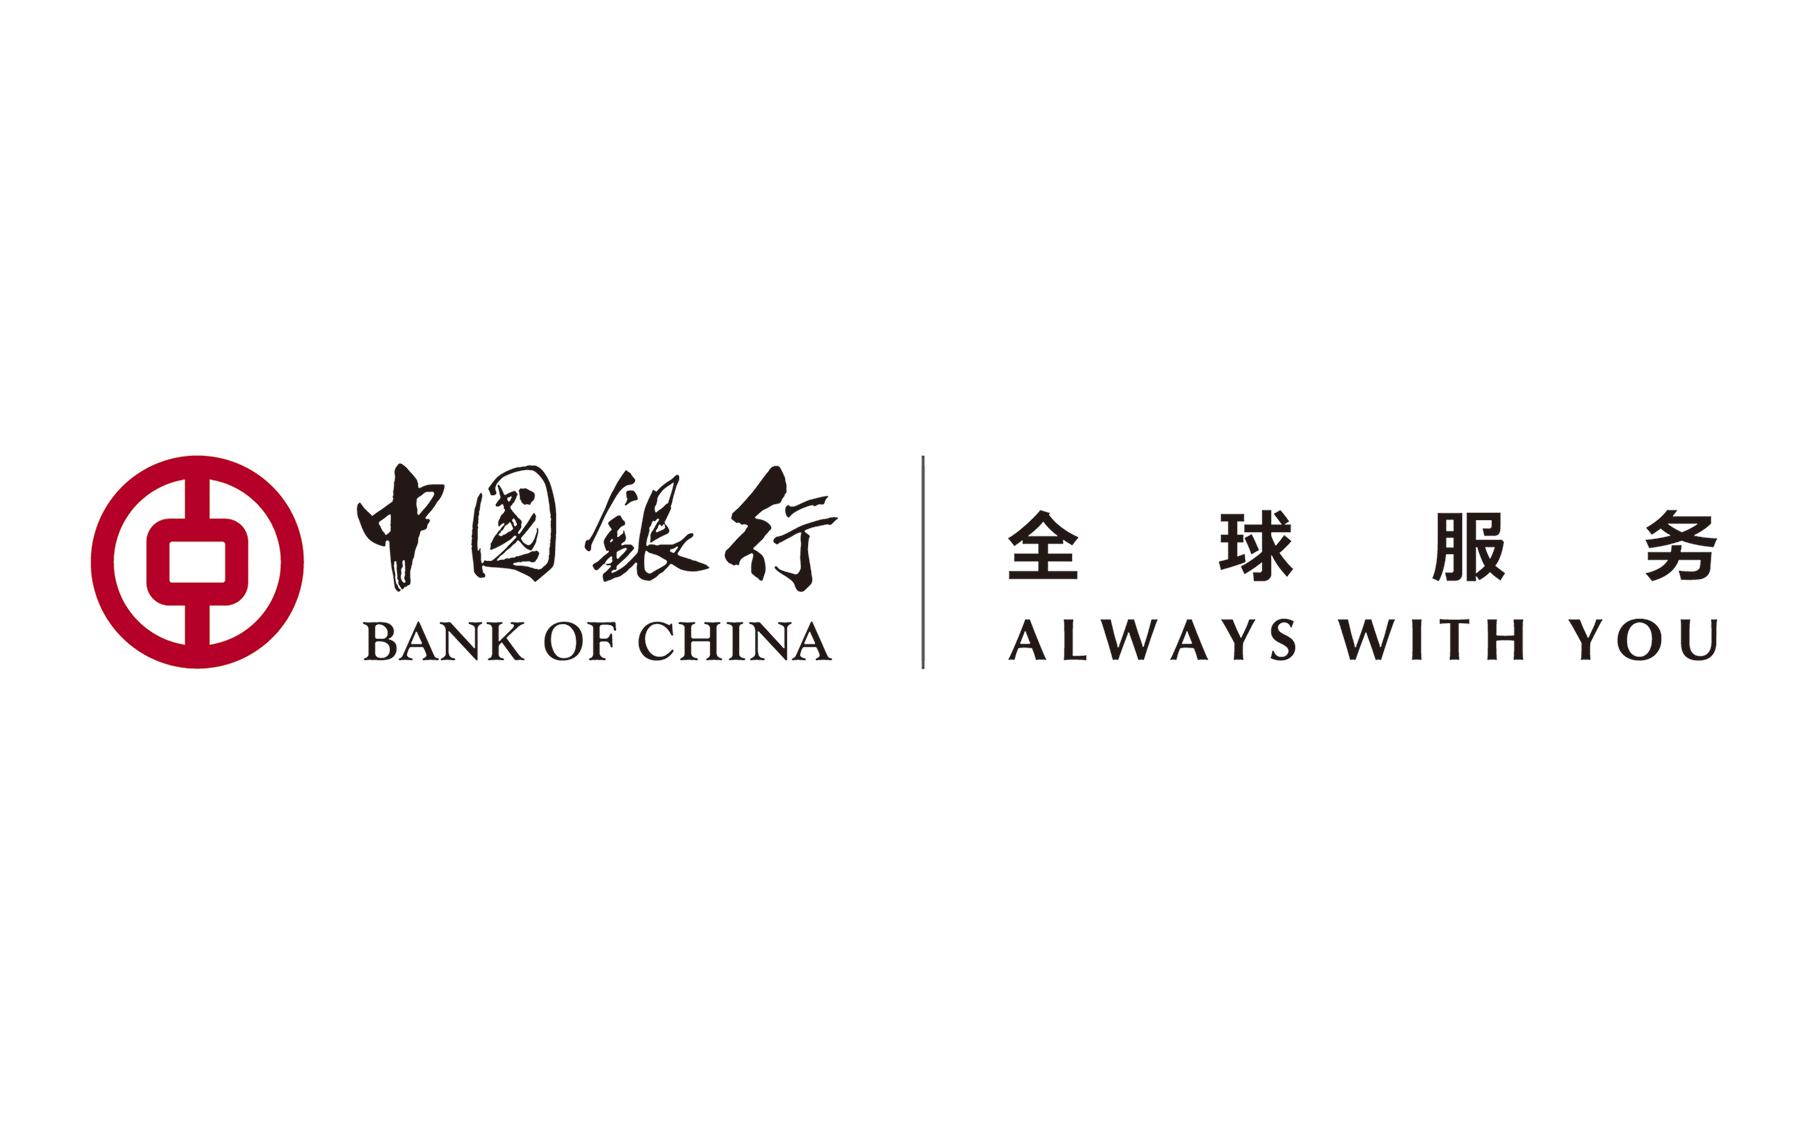 4、中国银行内蒙古分行